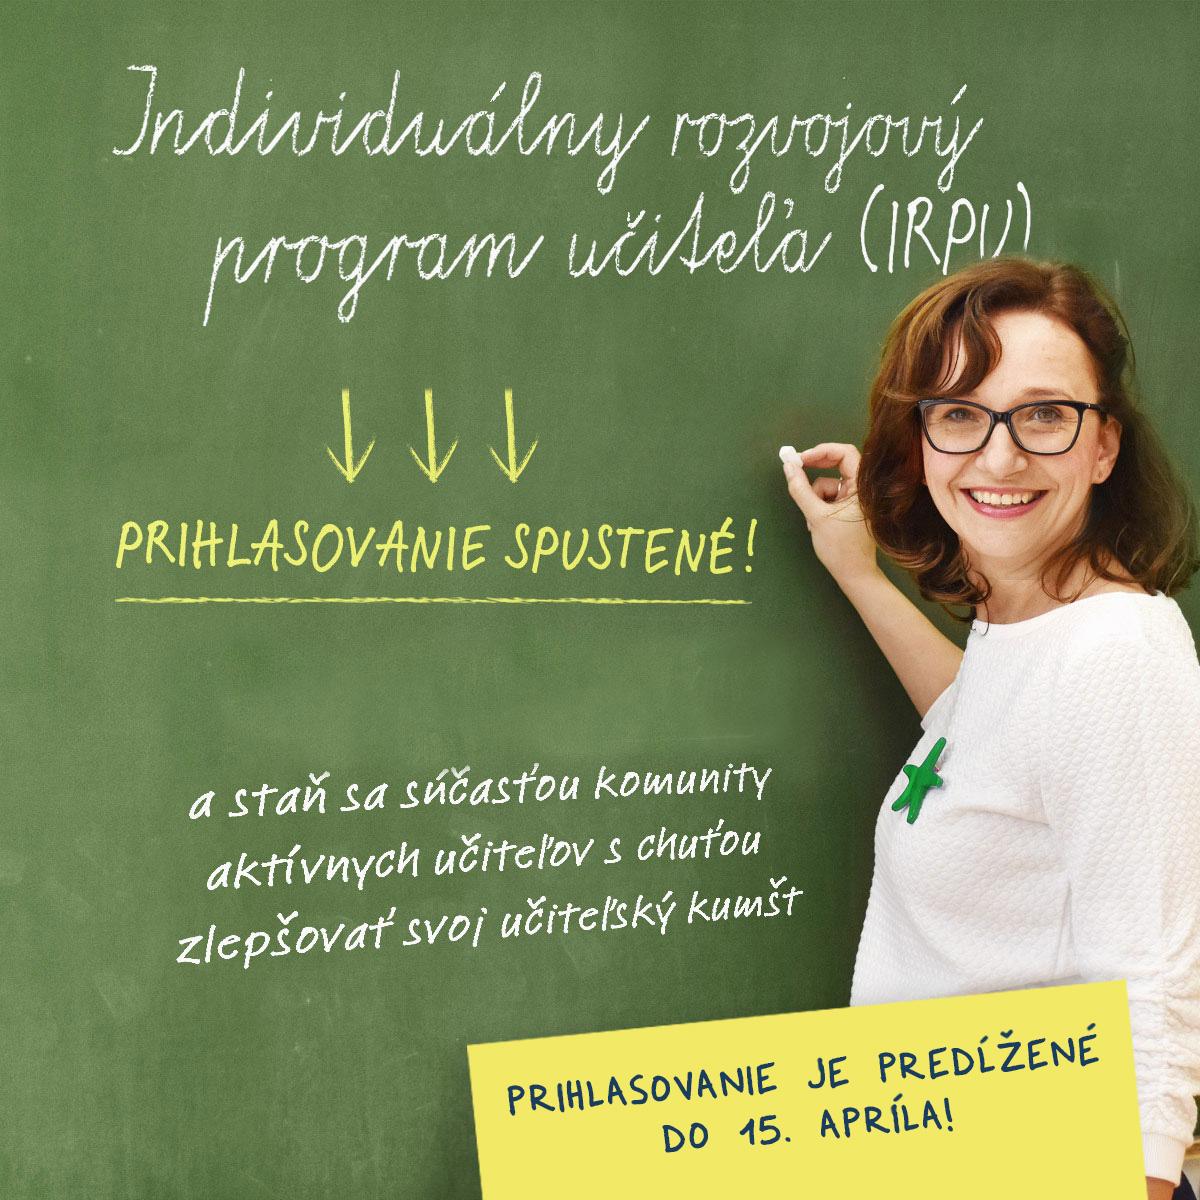 irpu-uvod-mobile-empty-predlzene